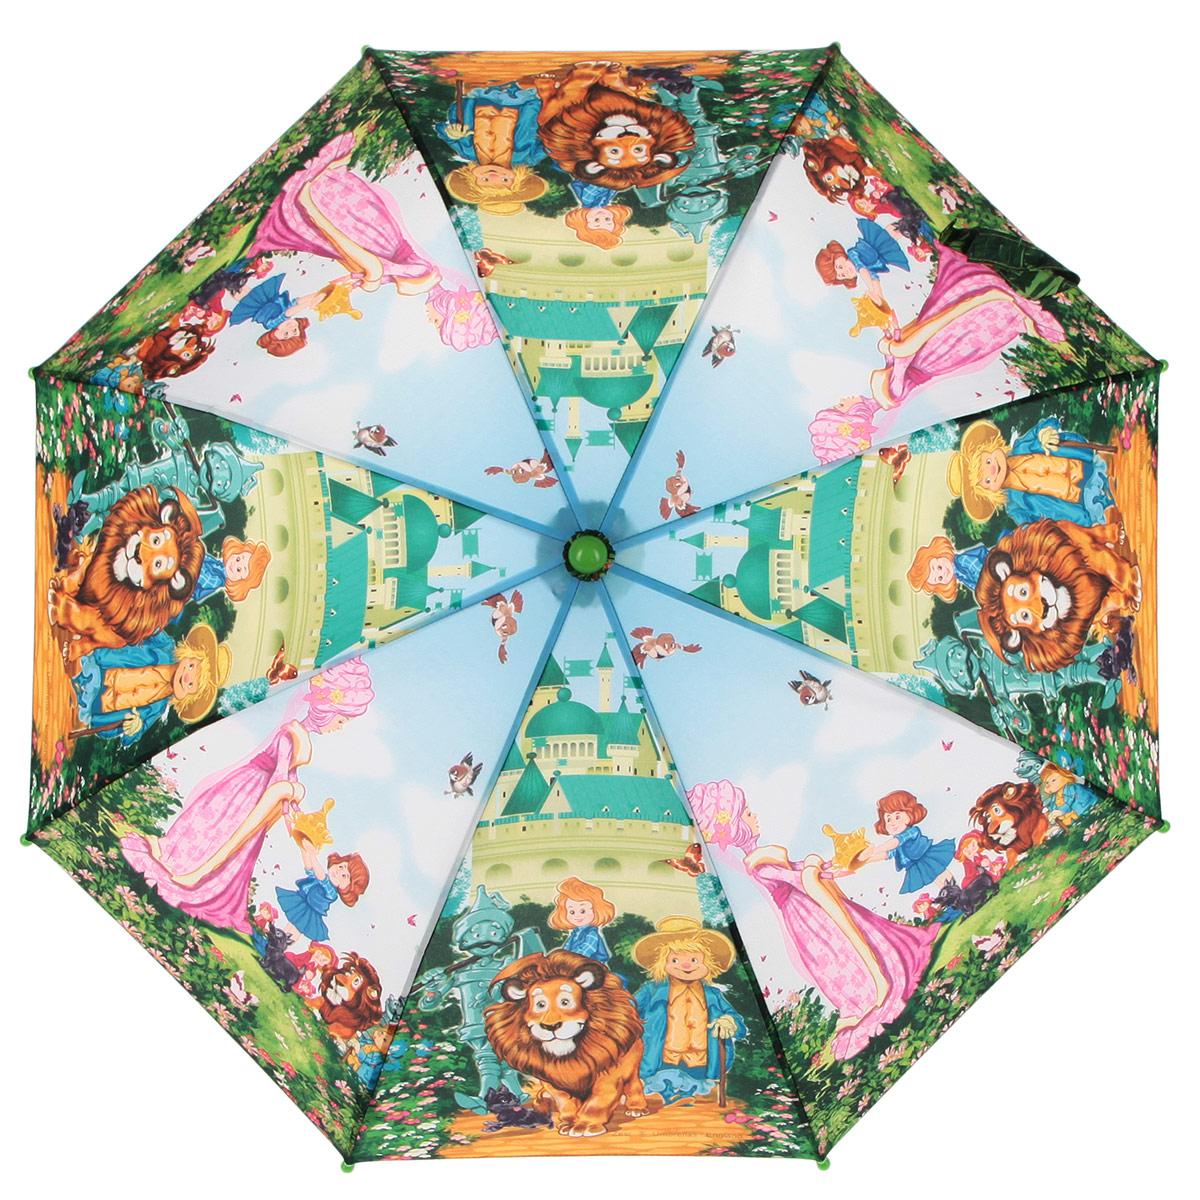 Зонт-трость детский Zest, цвет: голубой, зеленый, мультицвет. 21-0321-03Красочный детский зонт-трость ZEST выполнен из металла и пластика, оформлен принтом с изображениями героев известнейших сказок. Каркас зонта выполнен из восьми спиц, стержень из стали. На концах спиц предусмотрены пластиковые элементы, которые защитят малыша от травм. Купол зонта изготовлен прочного полиэстера. Закрытый купол застегивается на липучку хлястиком. Практичная глянцевая рукоятка закругленной формы разработана с учетом требований эргономики и выполнена из пластика. Зонт раскладывается и складывается при помощи механических воздействий.